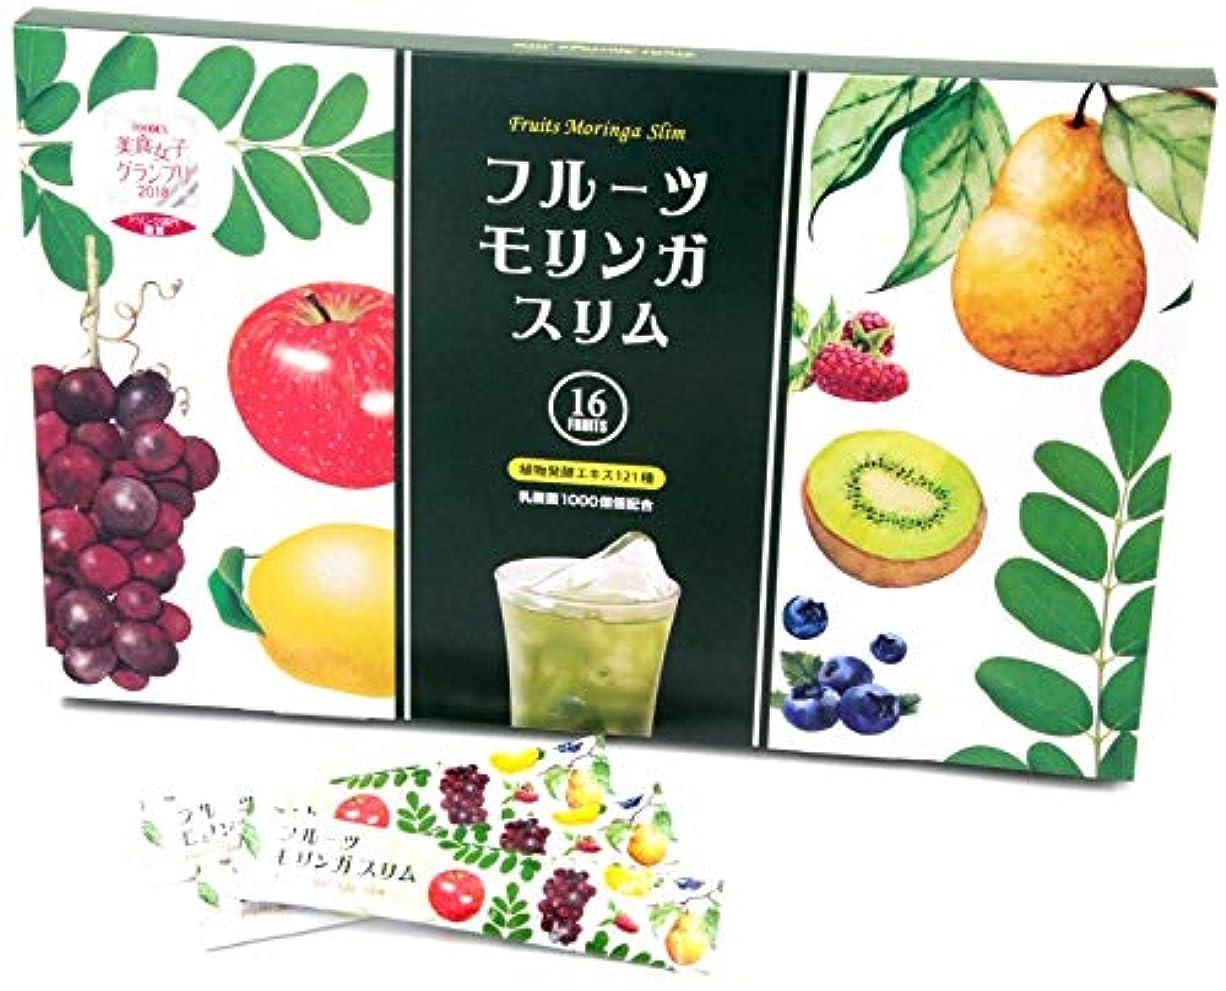 こどもの宮殿スペイン語聖人フルーツ モリンガ 美容 健康 栄養 食習慣 ボディメイク 国産品 (1箱/3g×30包+シェーカー)